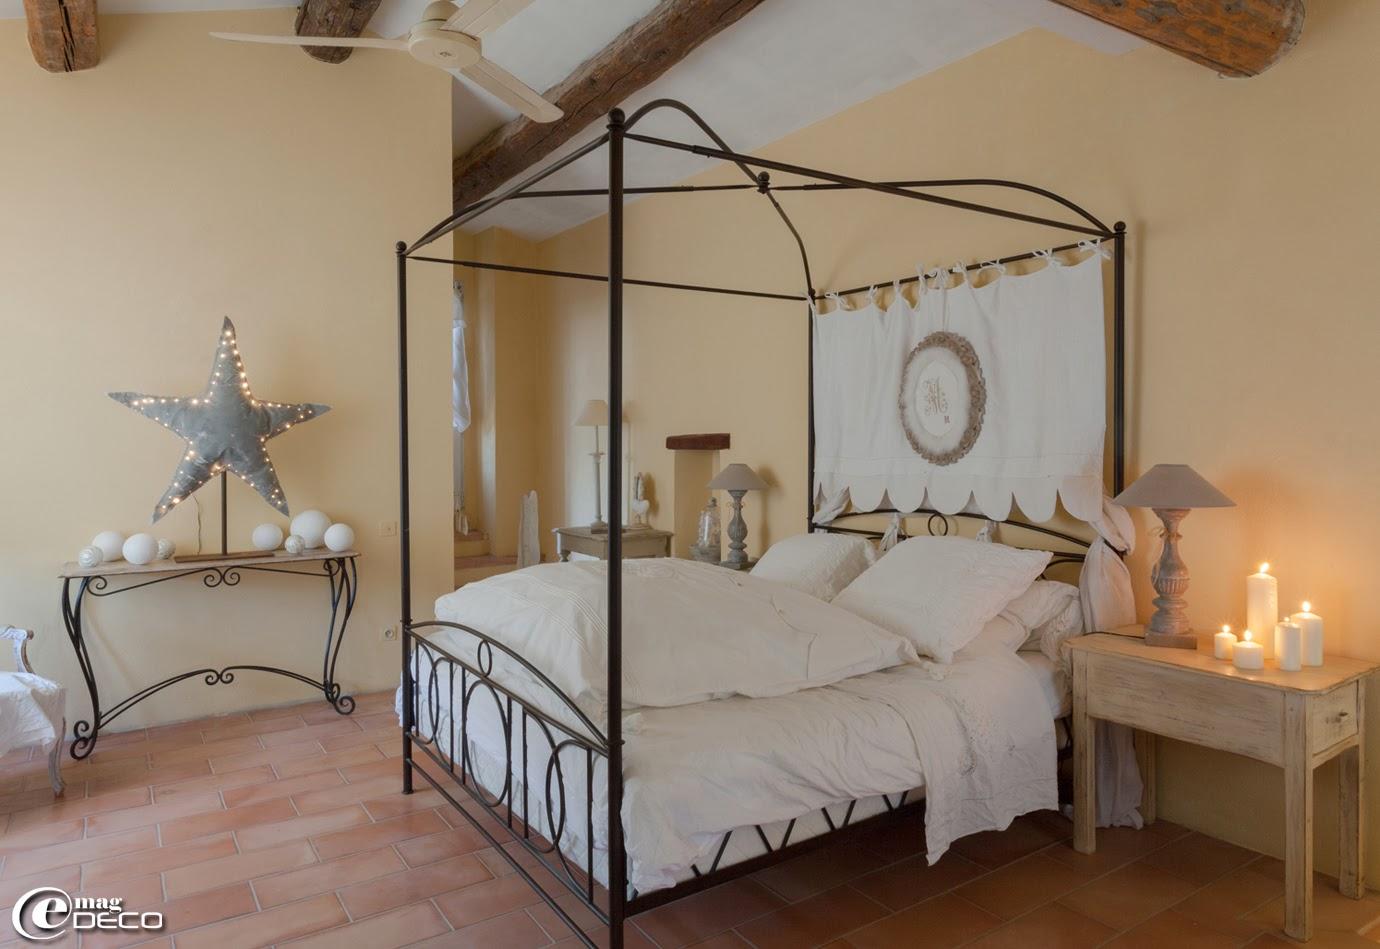 Lit baldaquin 'Maisons du Monde', linge de lit 'Le Trousseau D'Anath', étoile illuminée en toile peinte, création 'Rose Velours' à L'Isle-sur-la-Sorgue, lampe à poser 'Chehoma'